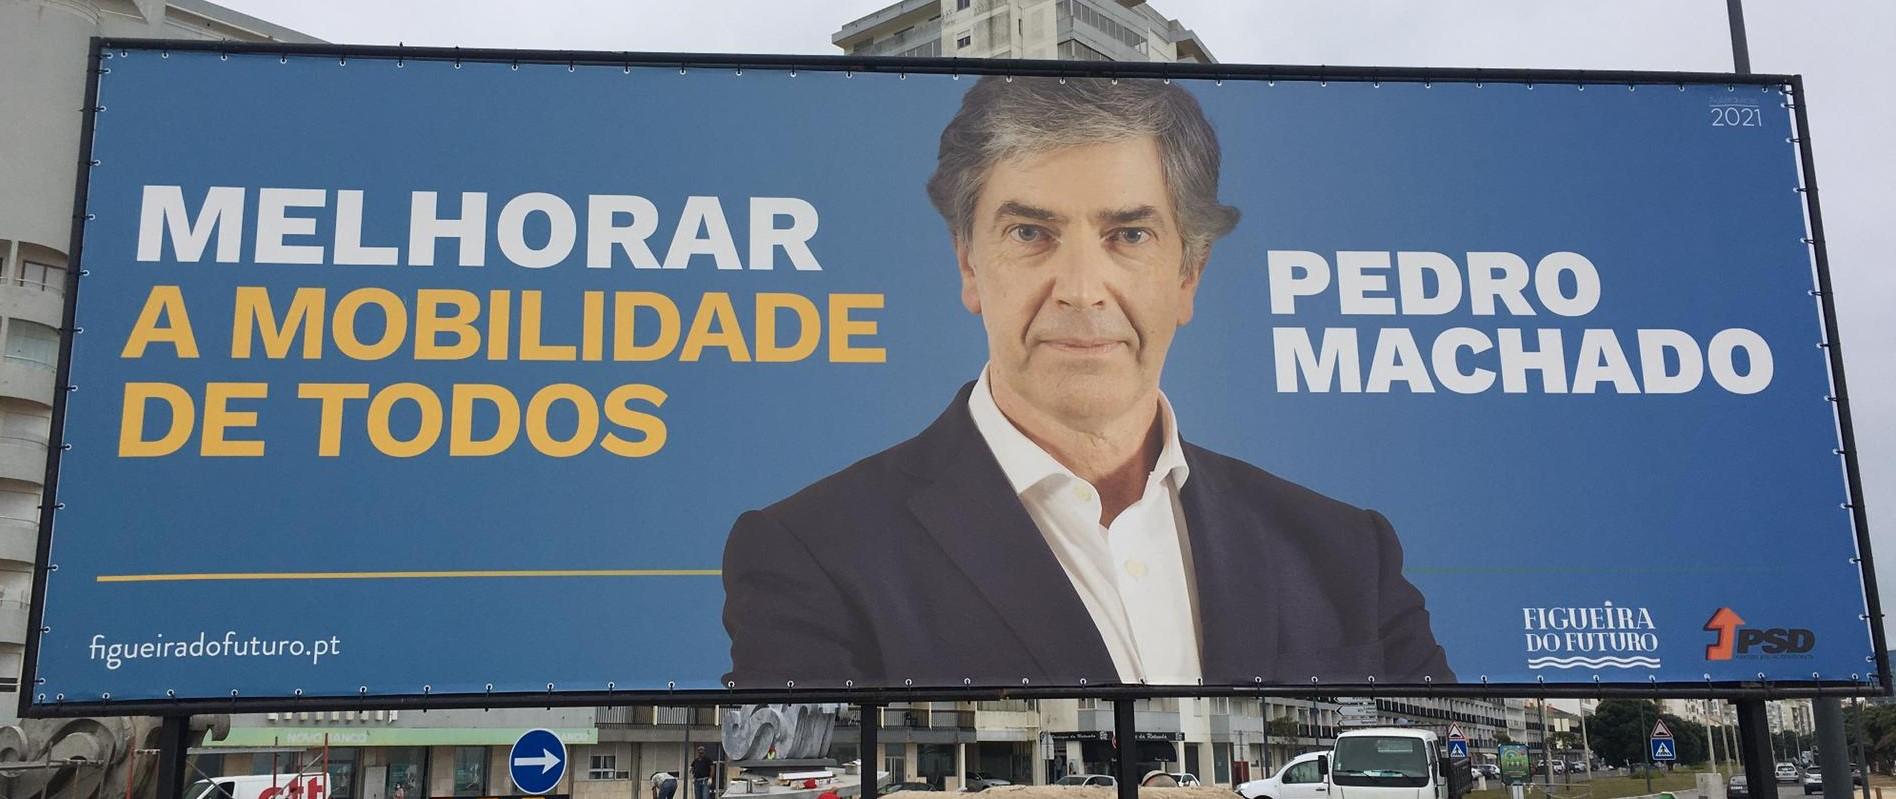 PSD_2021_Figueira_Foz__0001